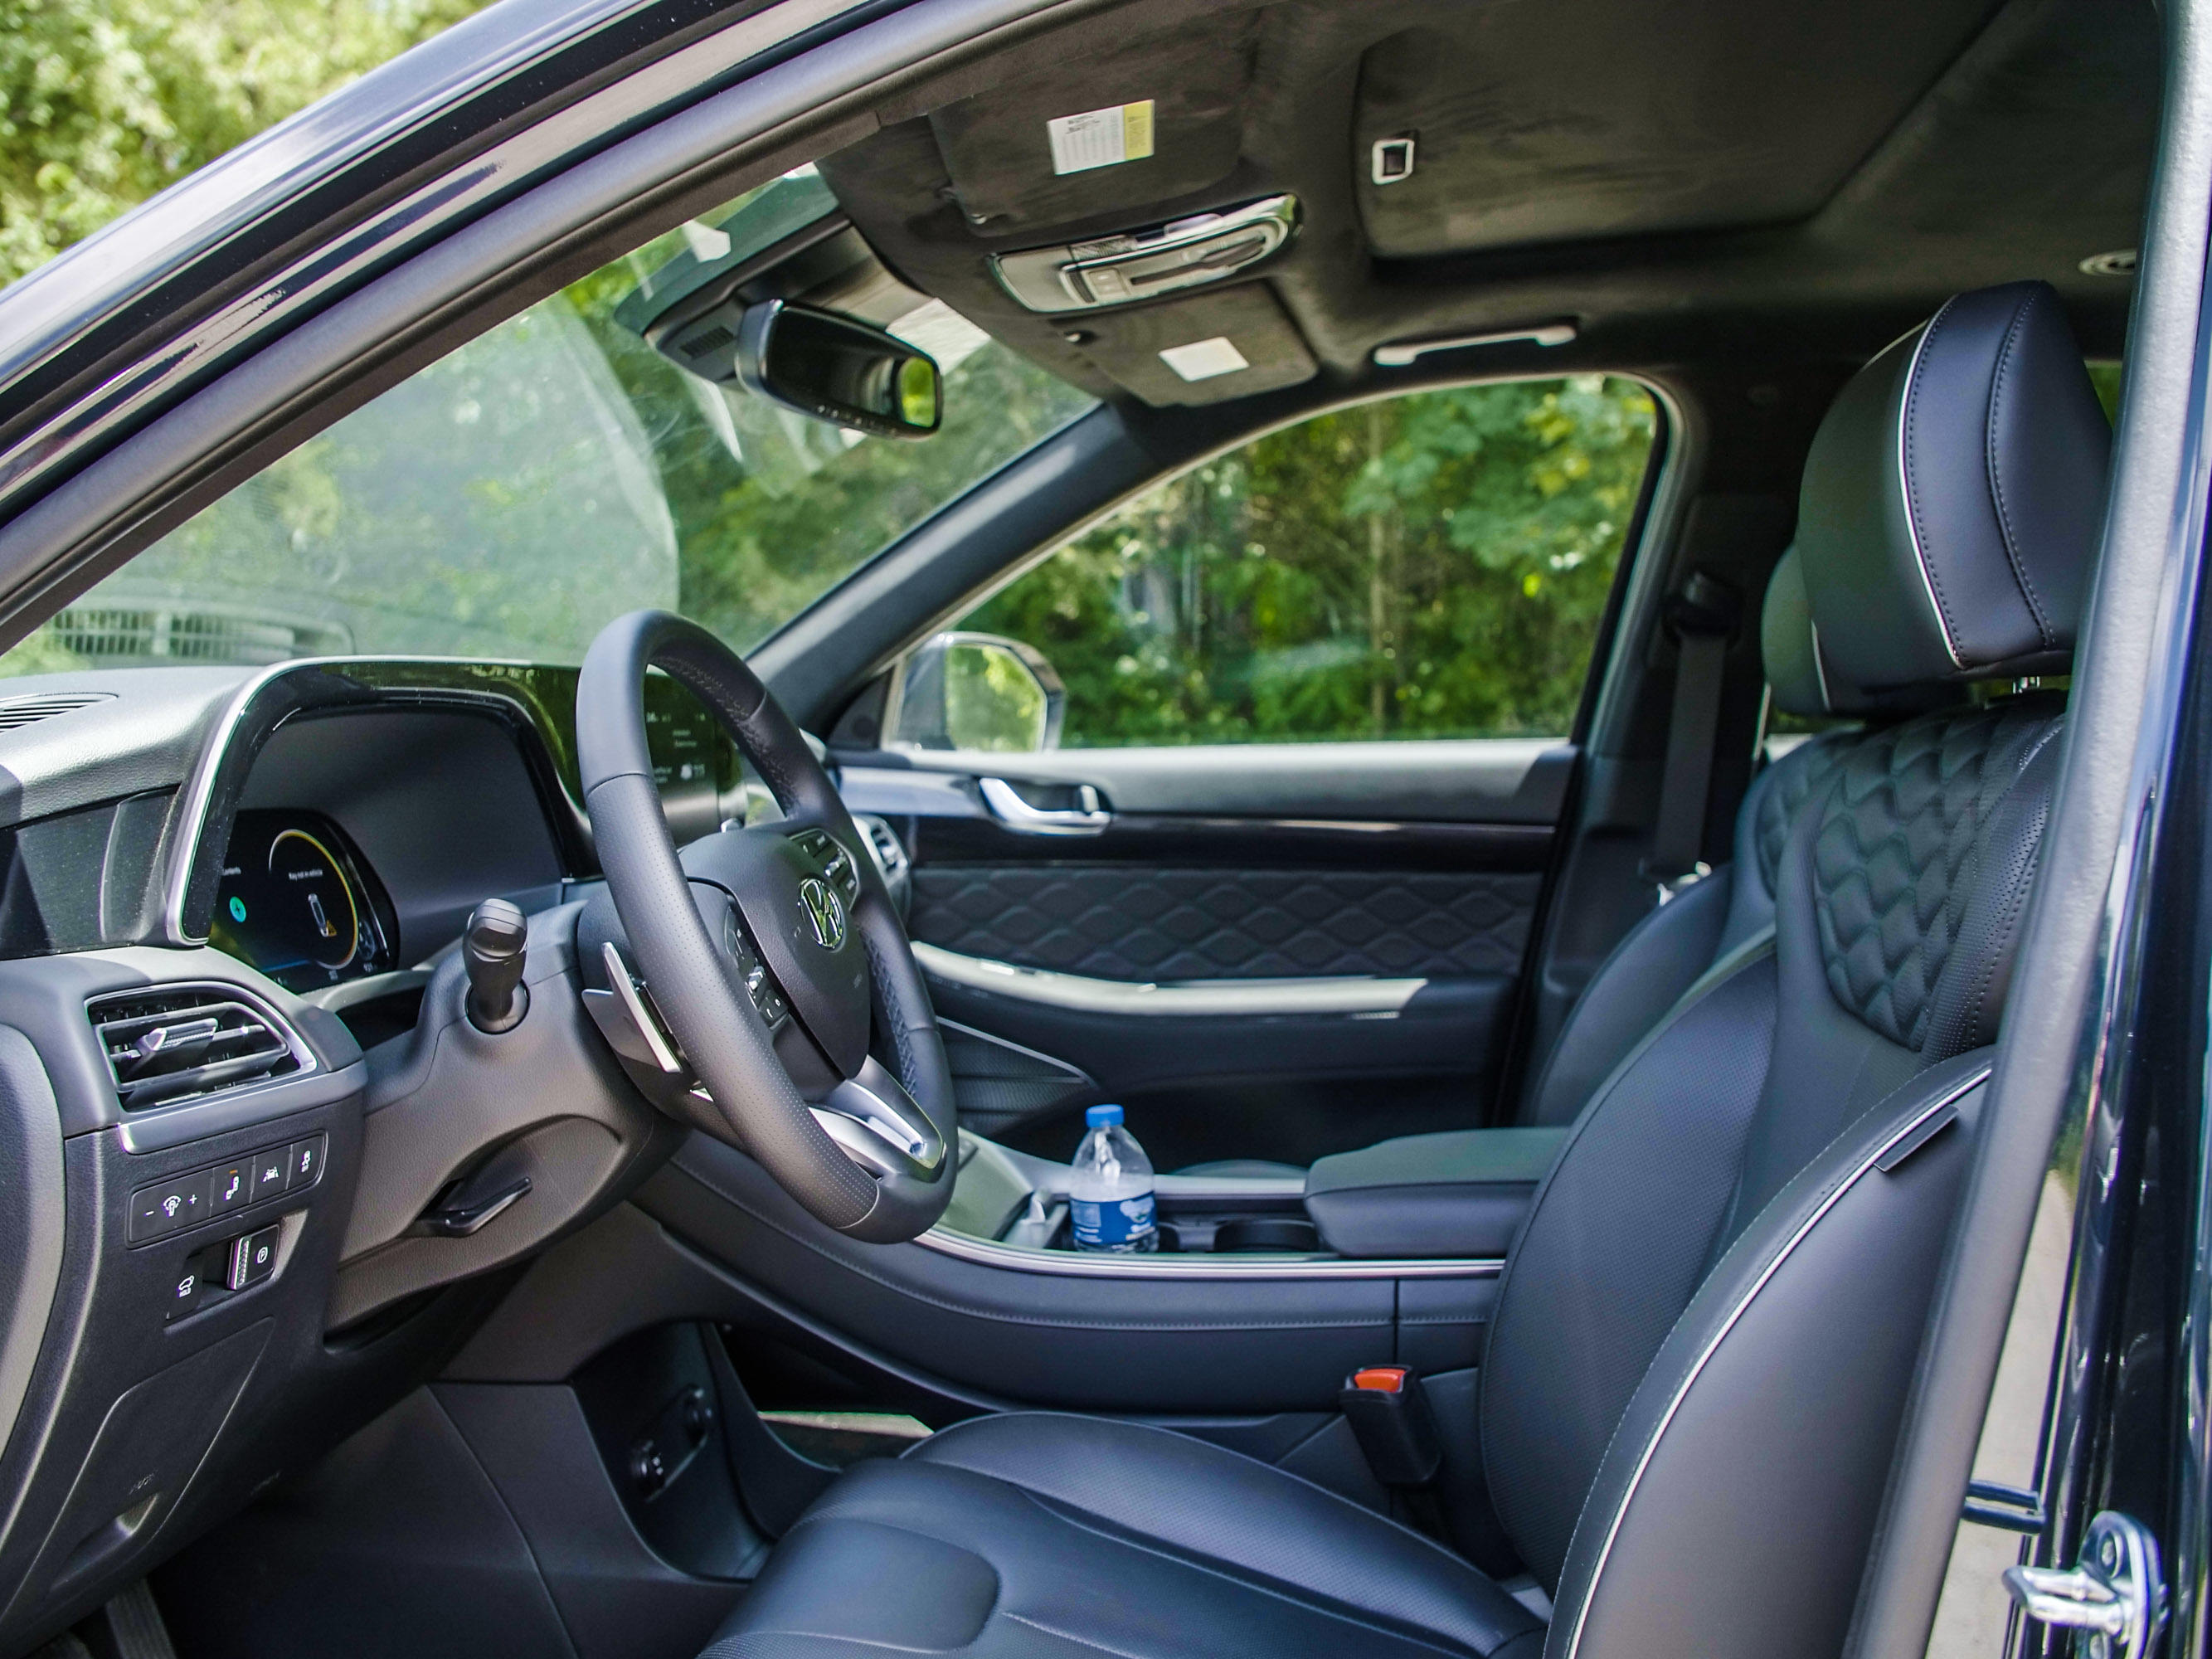 2020 Hyundai Palisade seats